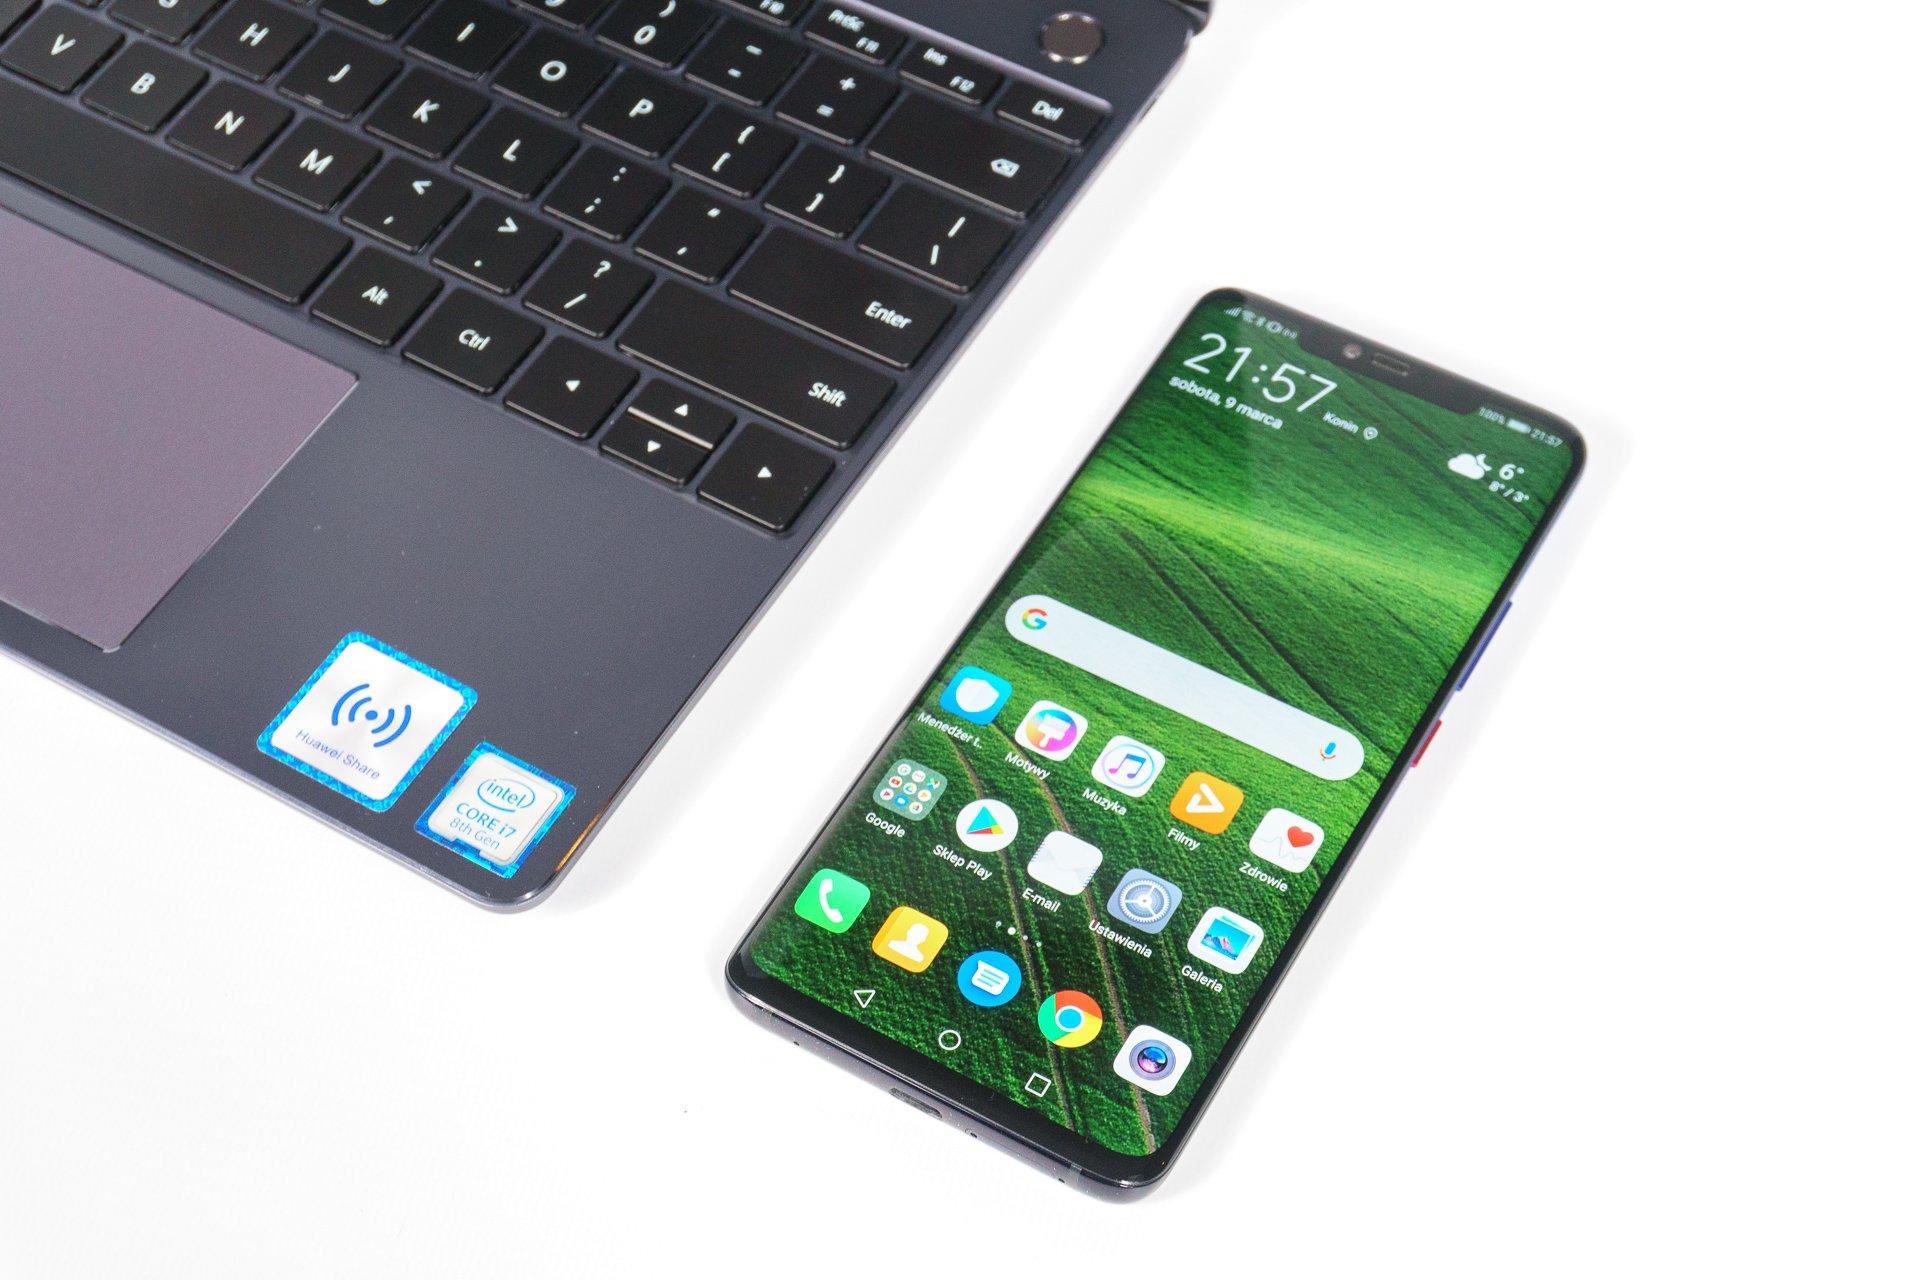 Chińskie ekrany OLED pojawią się nawet w iPhone'ach 21